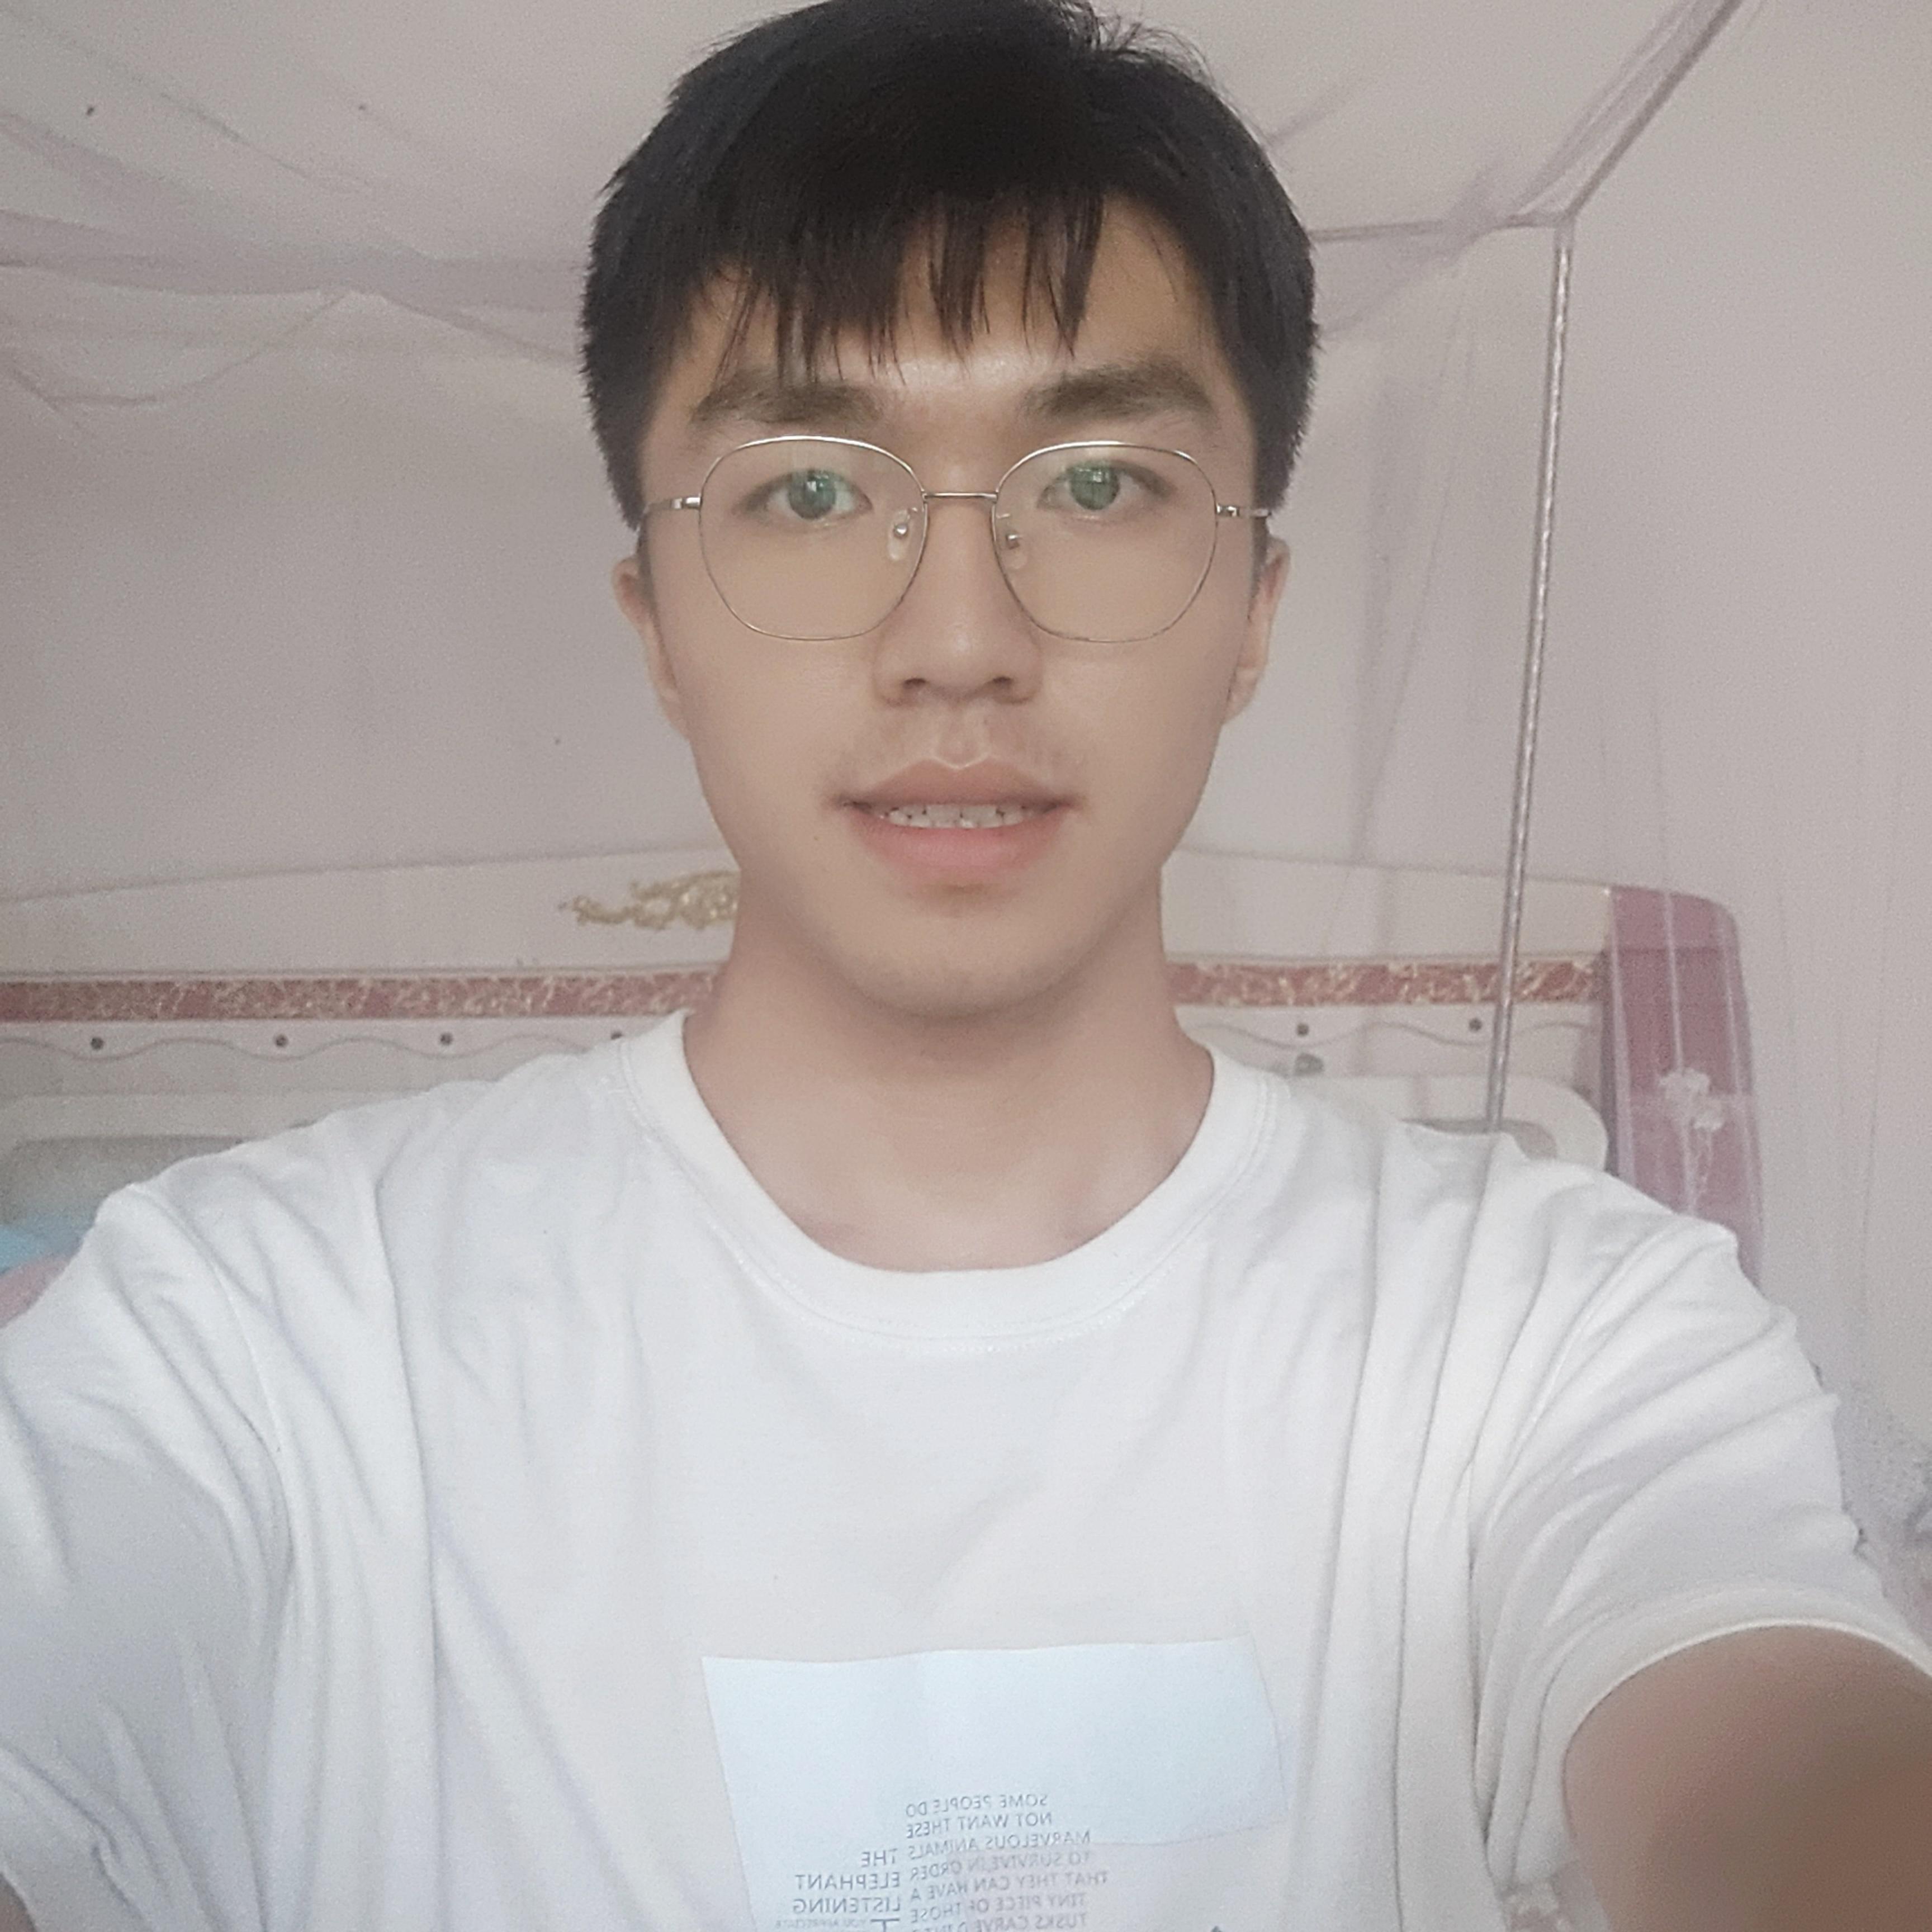 邯郸家教赵教员